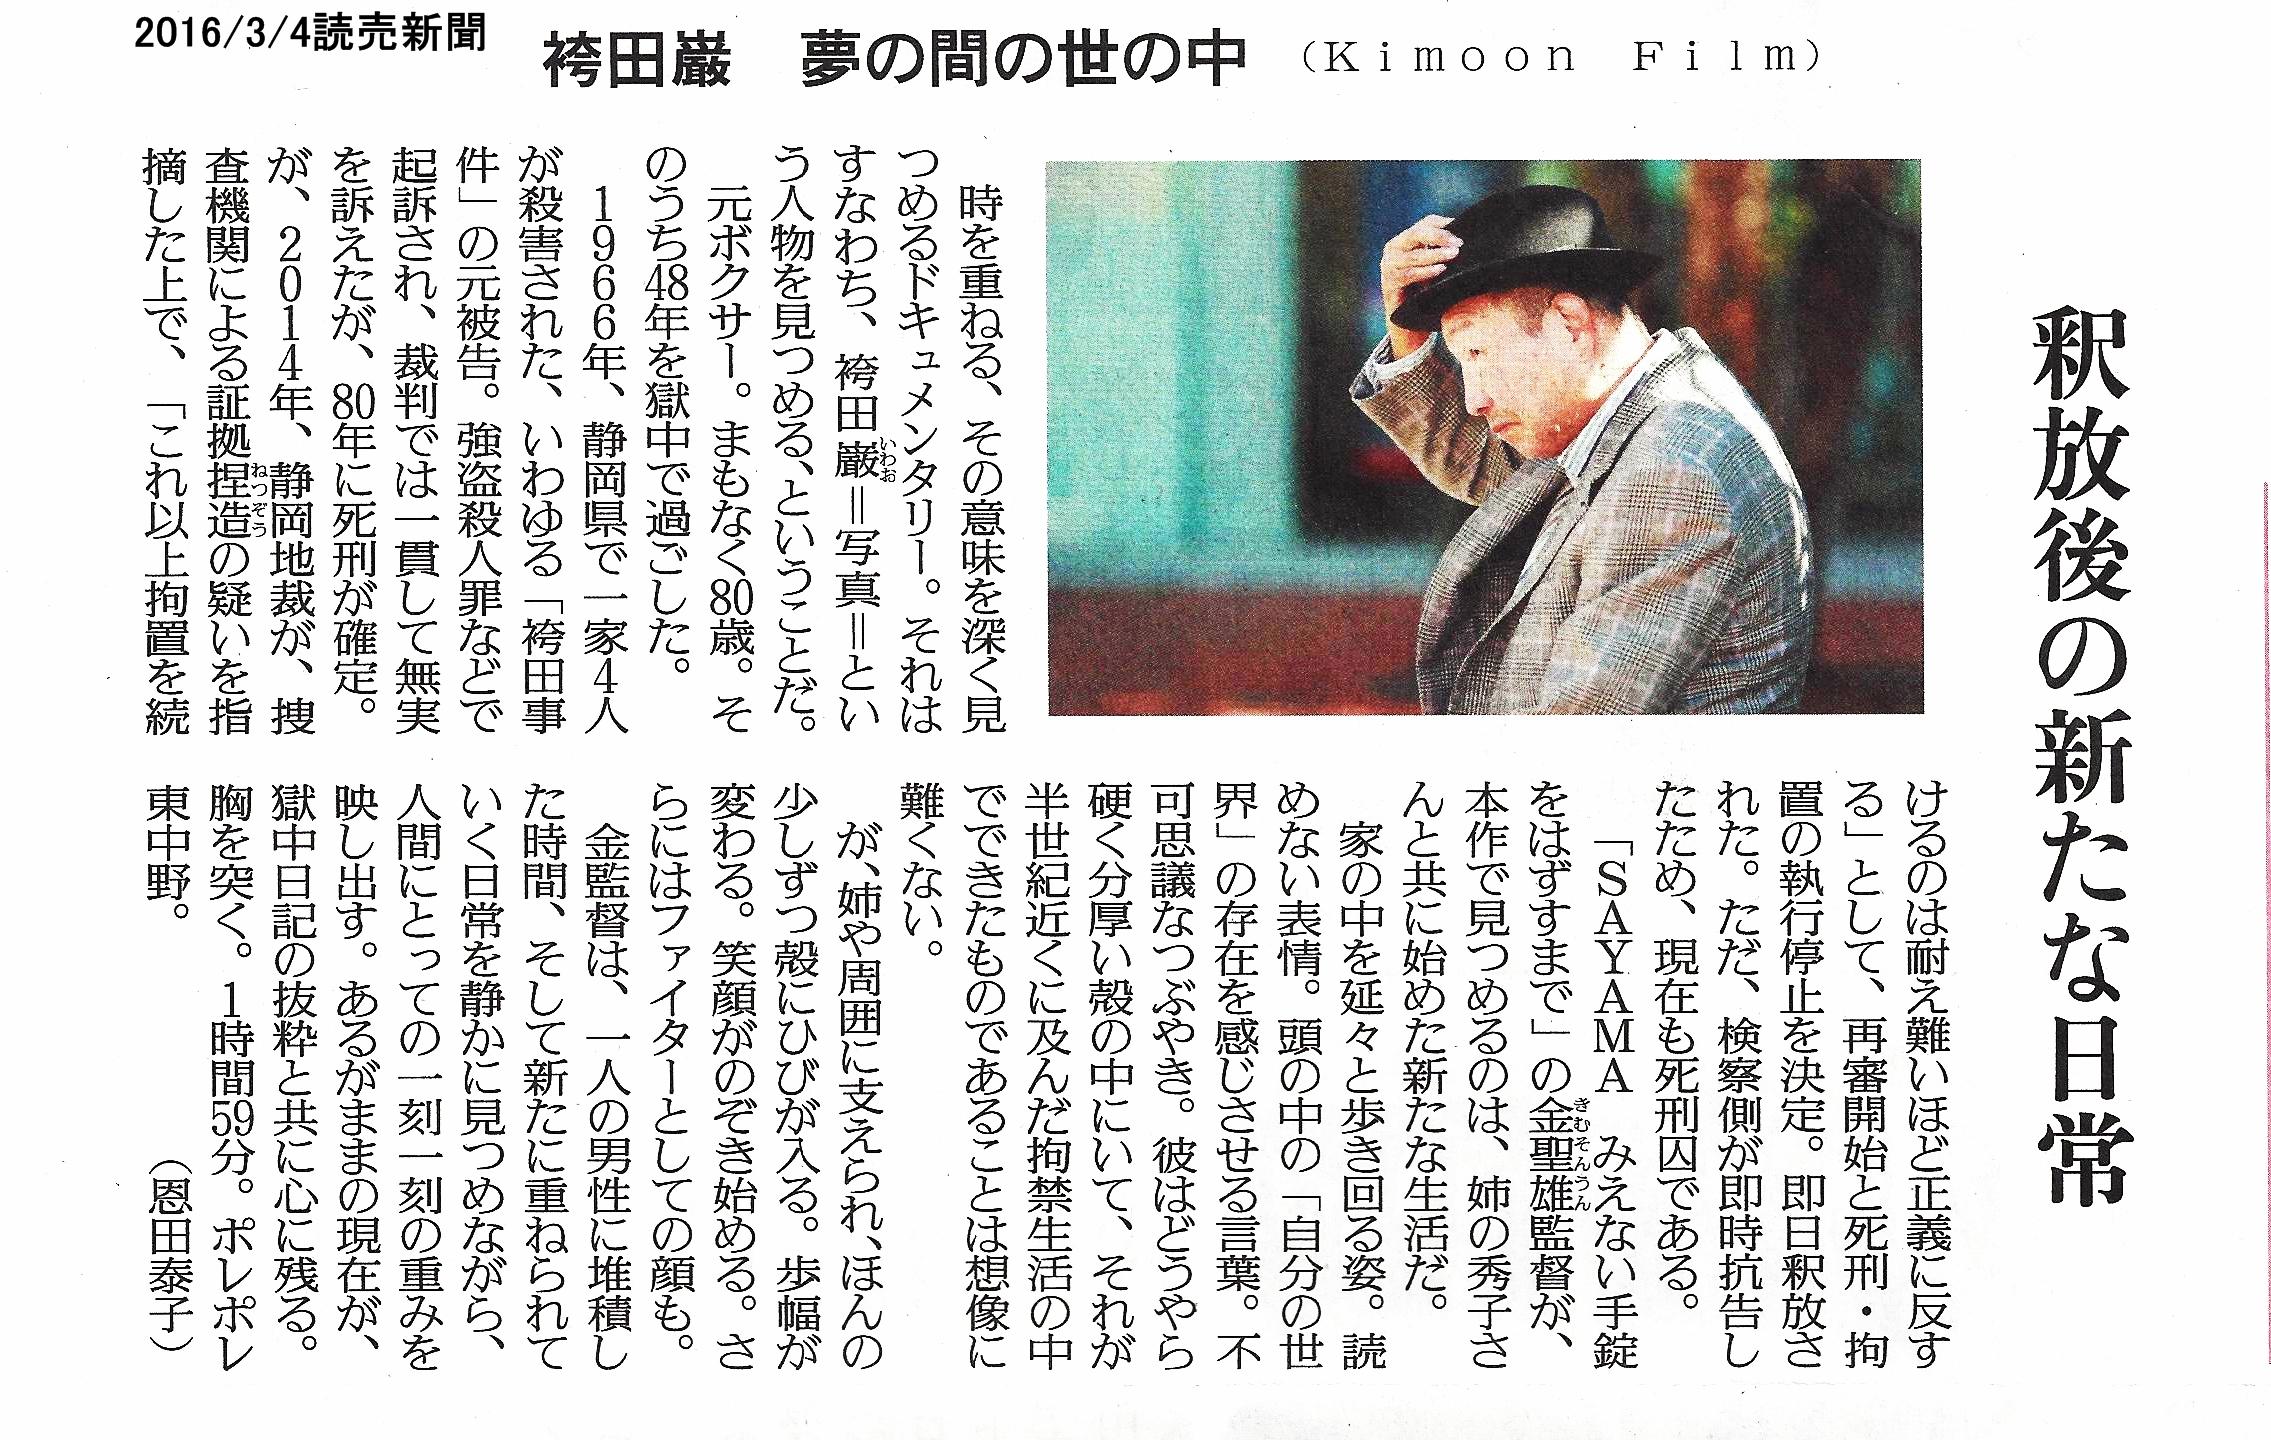 2016.3.4読売新聞